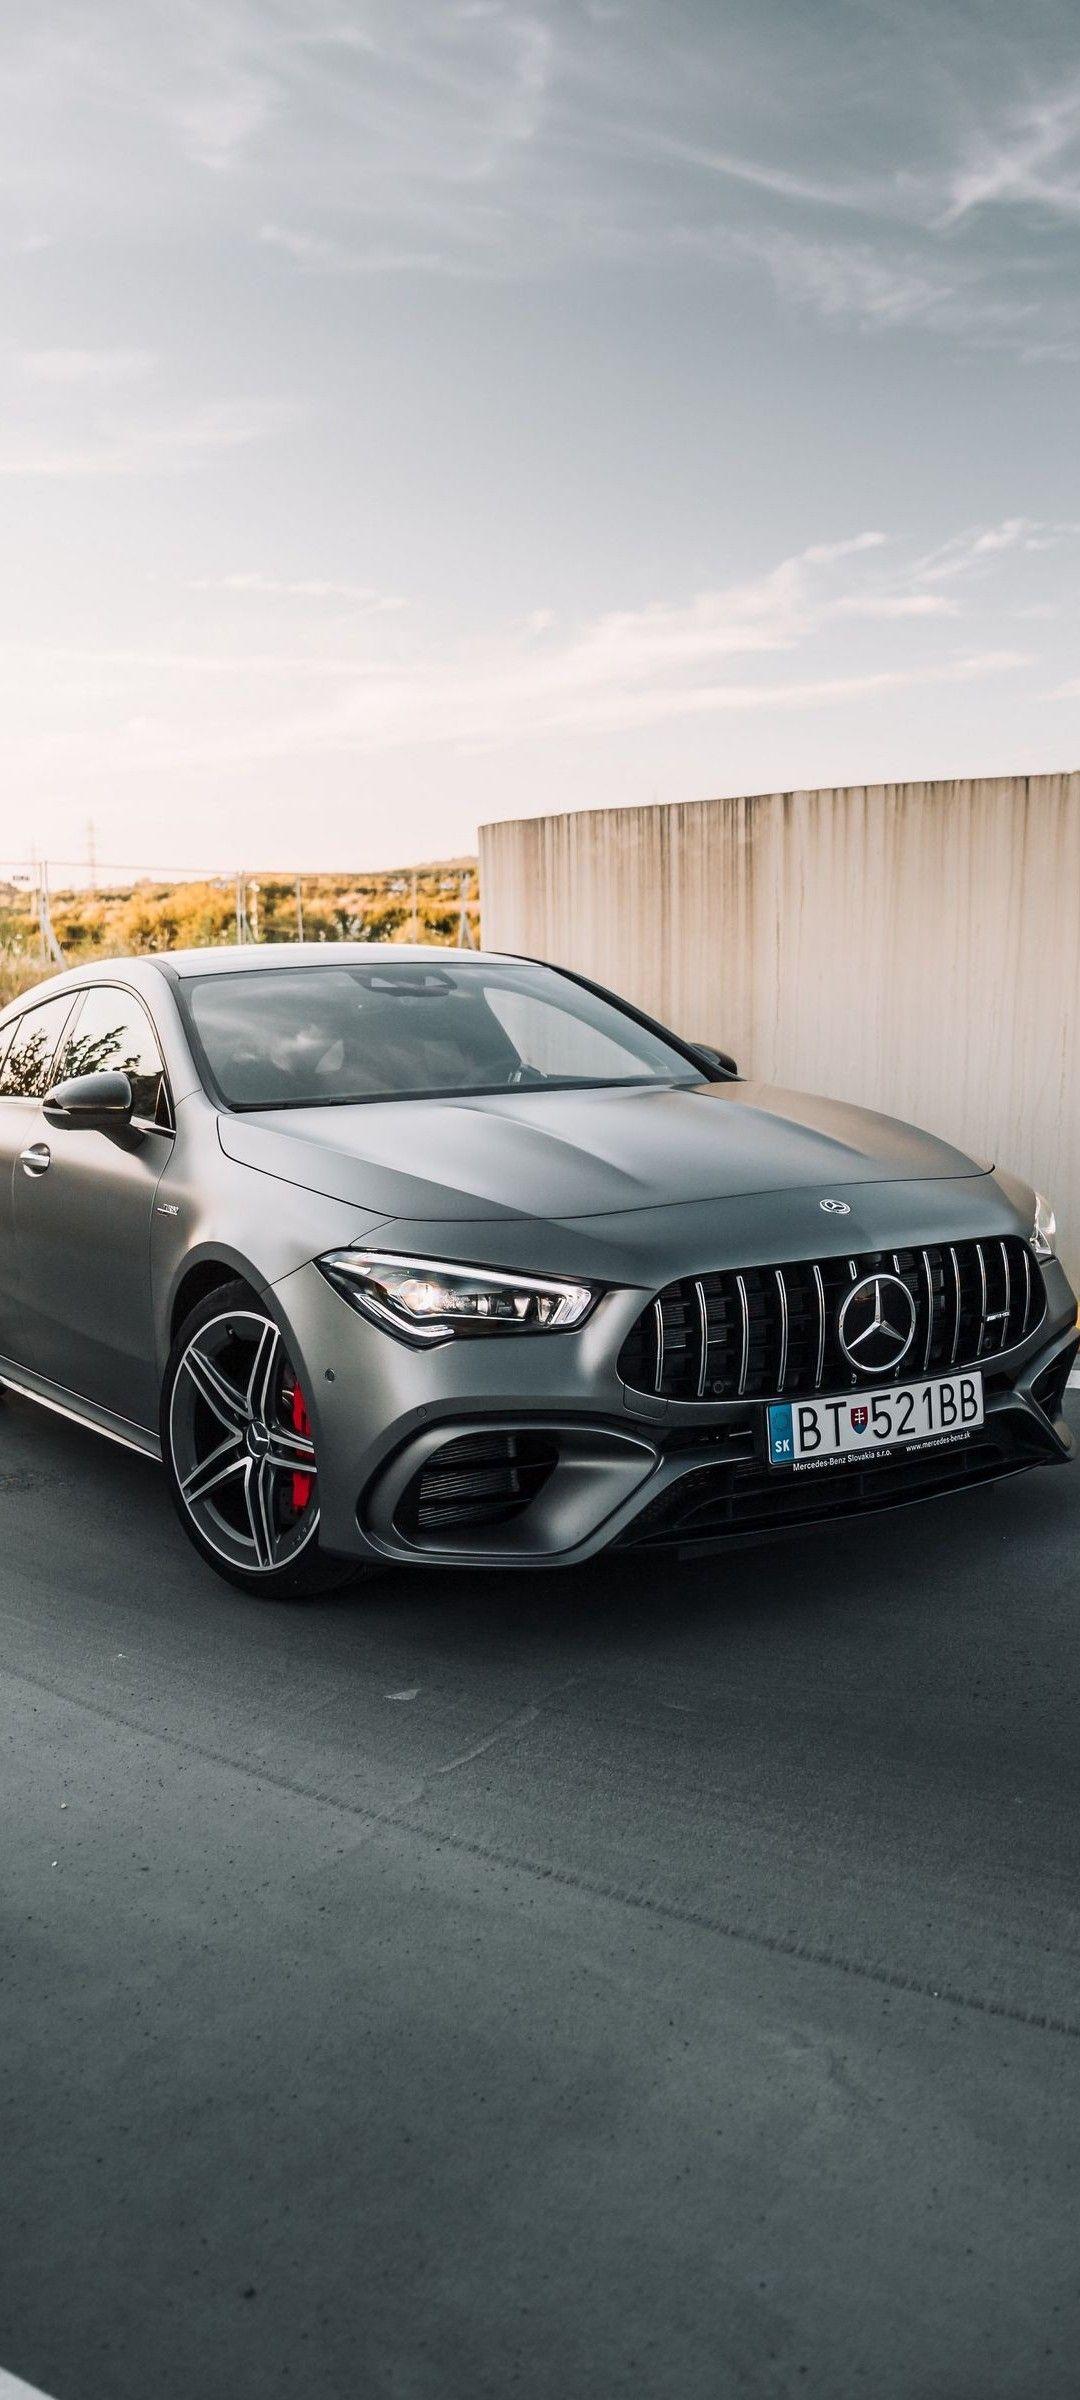 Epingle Par Izabella Sur Photograhy Video En 2020 Voiture Voiture Mercedes Mercedes